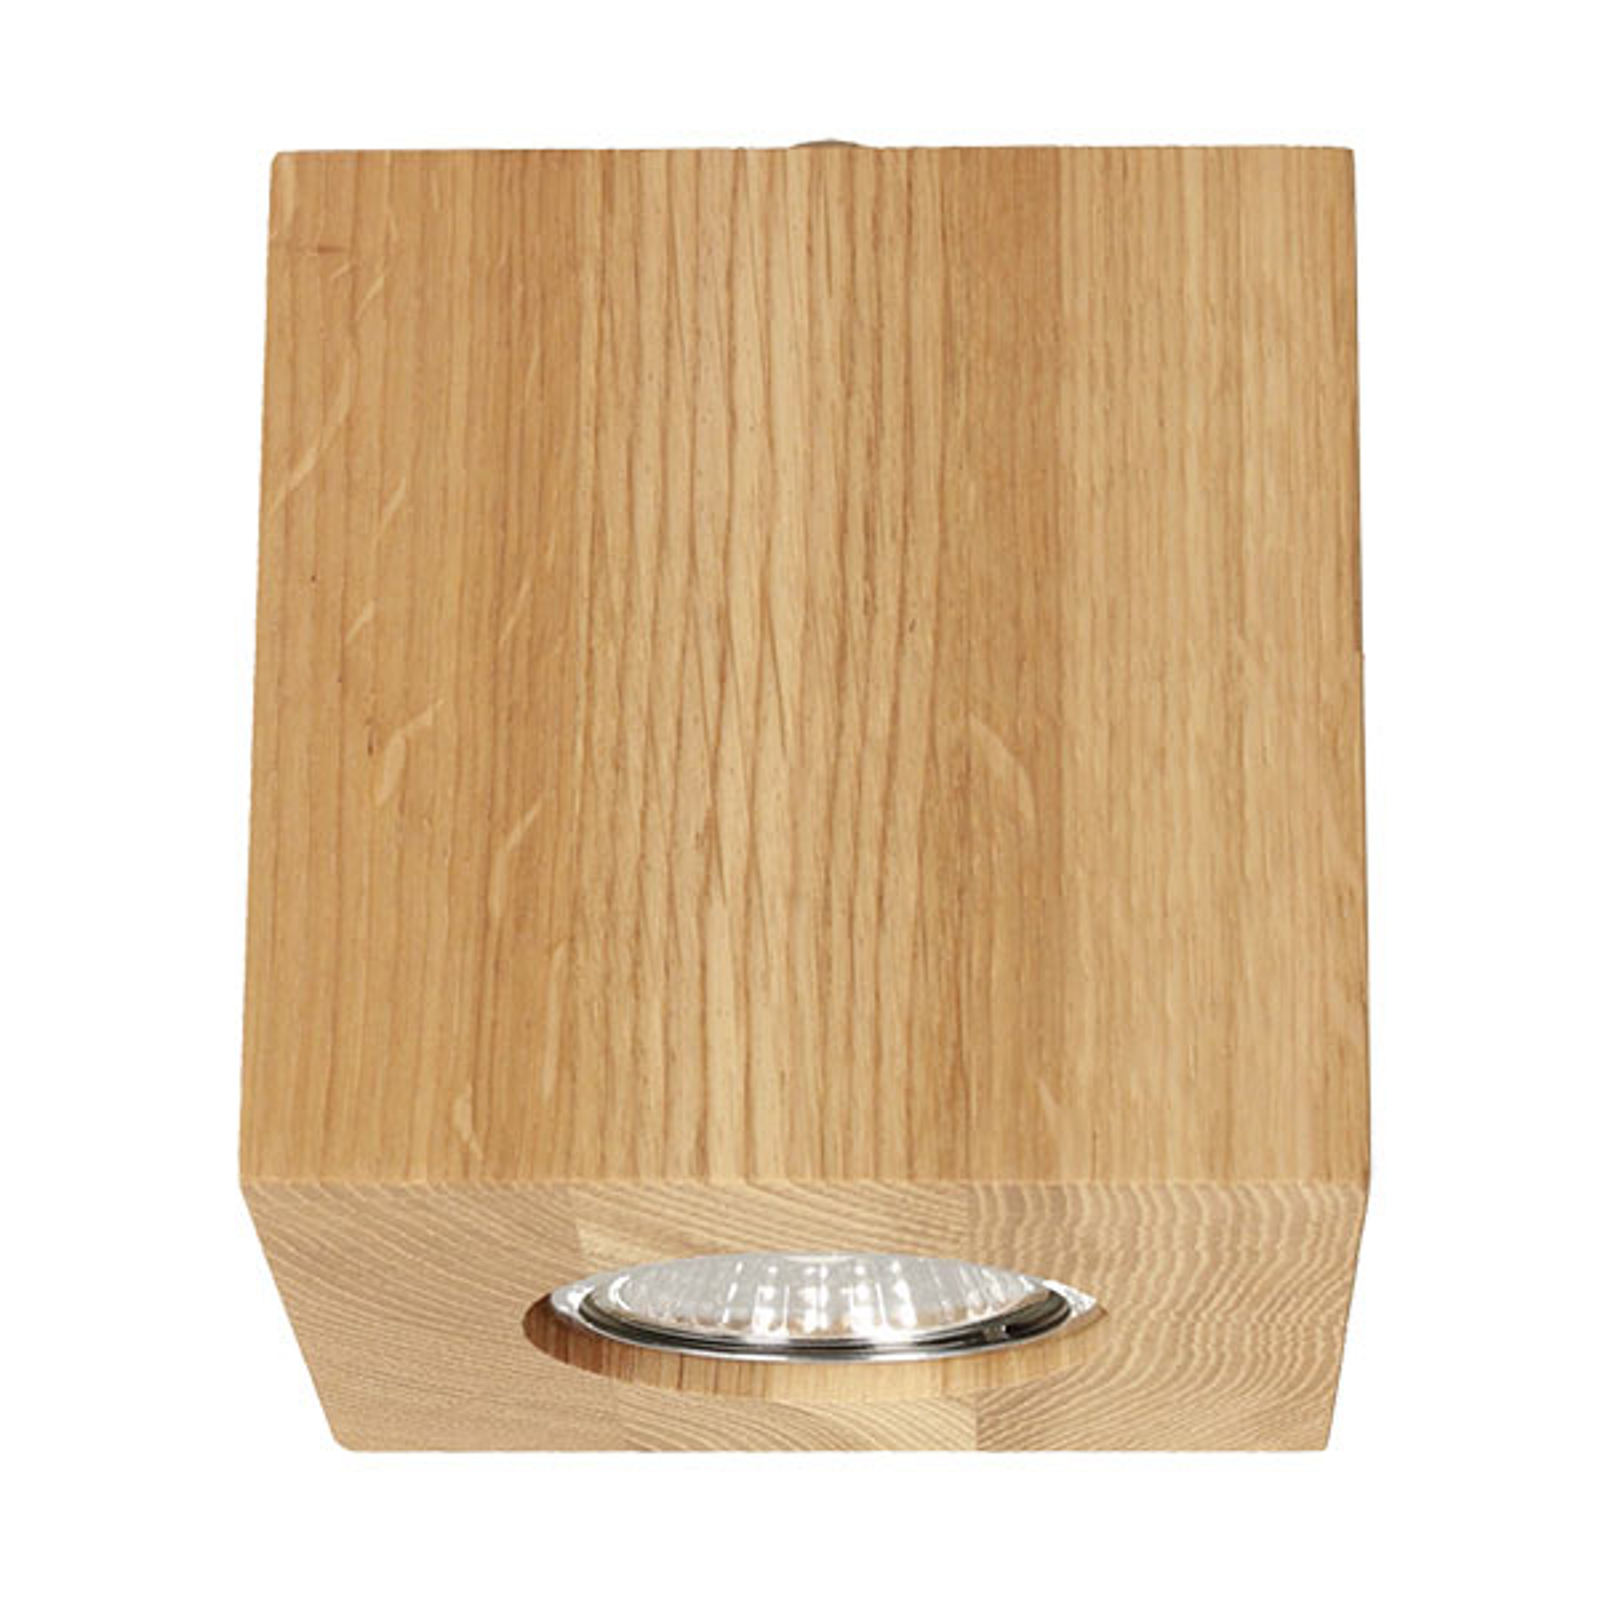 Deckenlampe Wooddream 1-flammig Eiche, eckig, 10cm